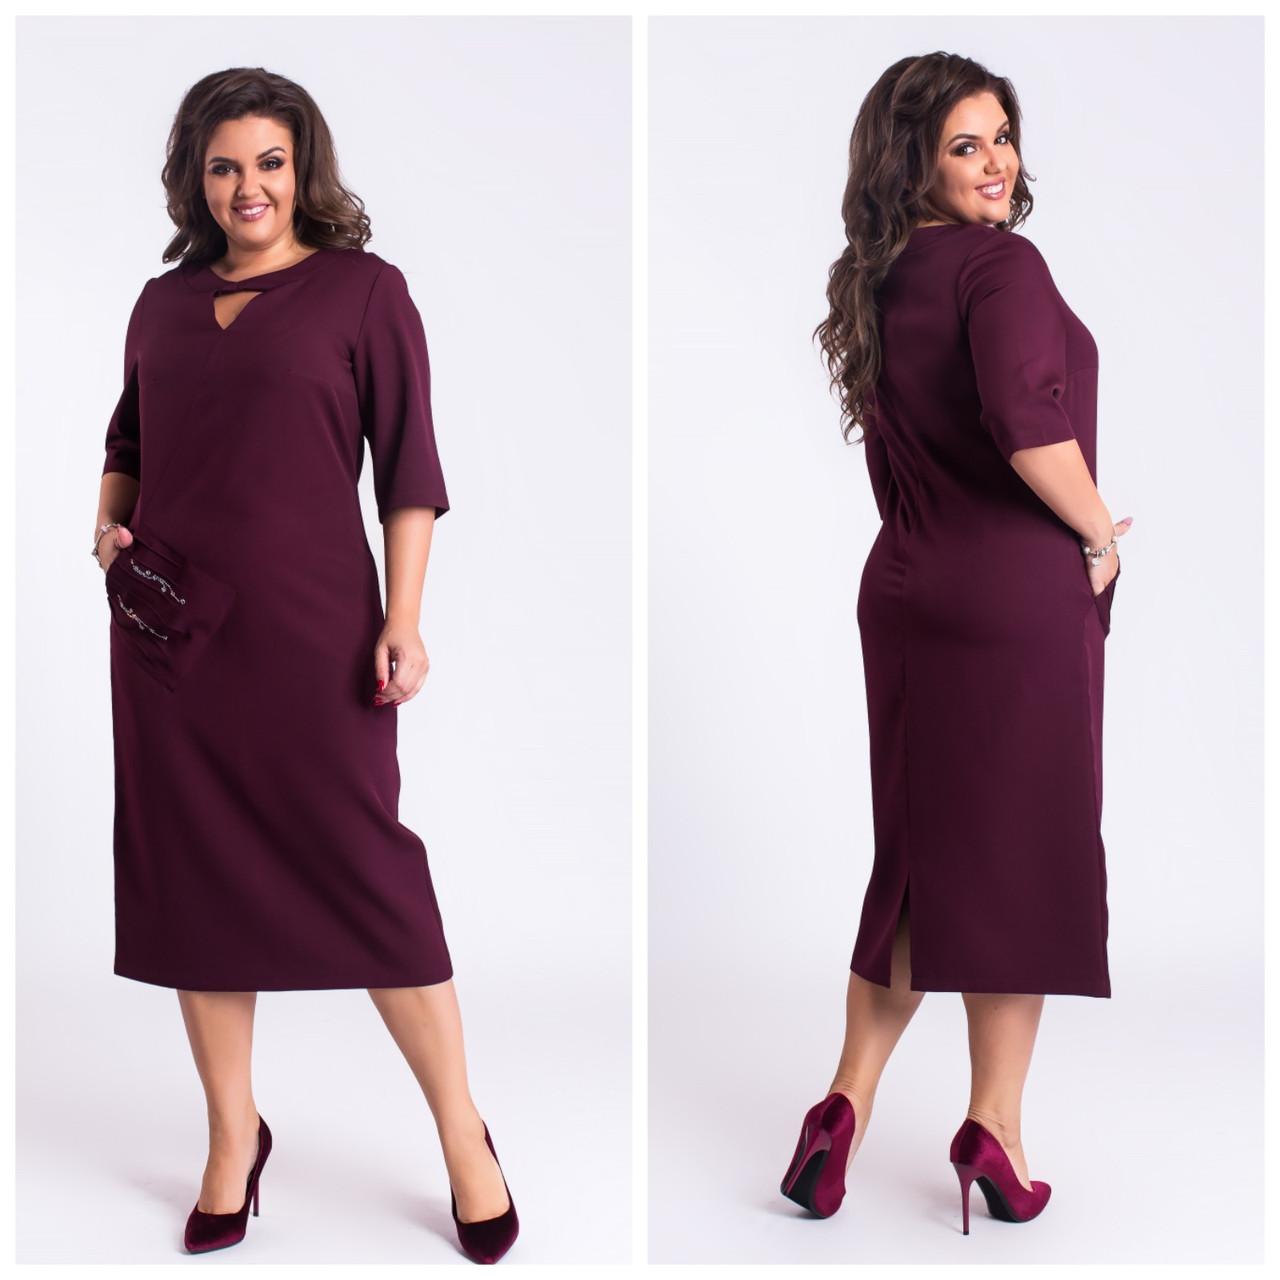 Платье элегантное в расцветках 2761  Интернет-магазин модной женской одежды  оптом и в розницу . Самые низкие цены в Украине. платья женские от